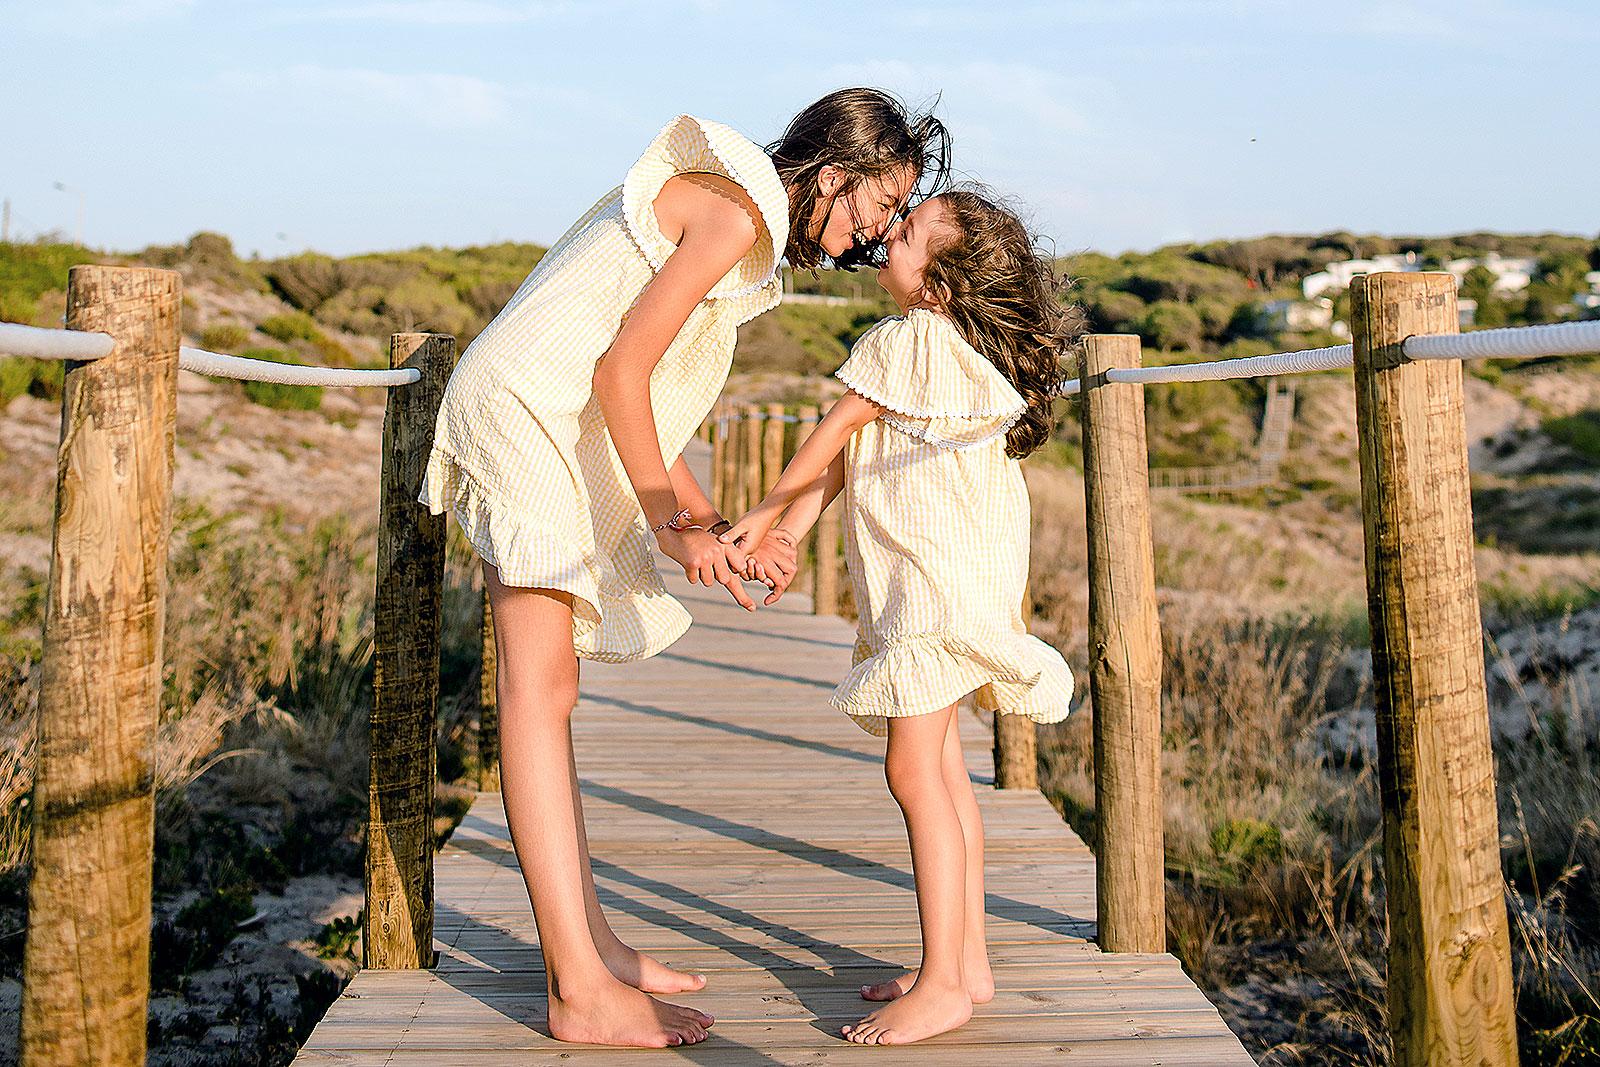 Crianças a abraçarem-se num passadiço de madeira junto a uma praia.